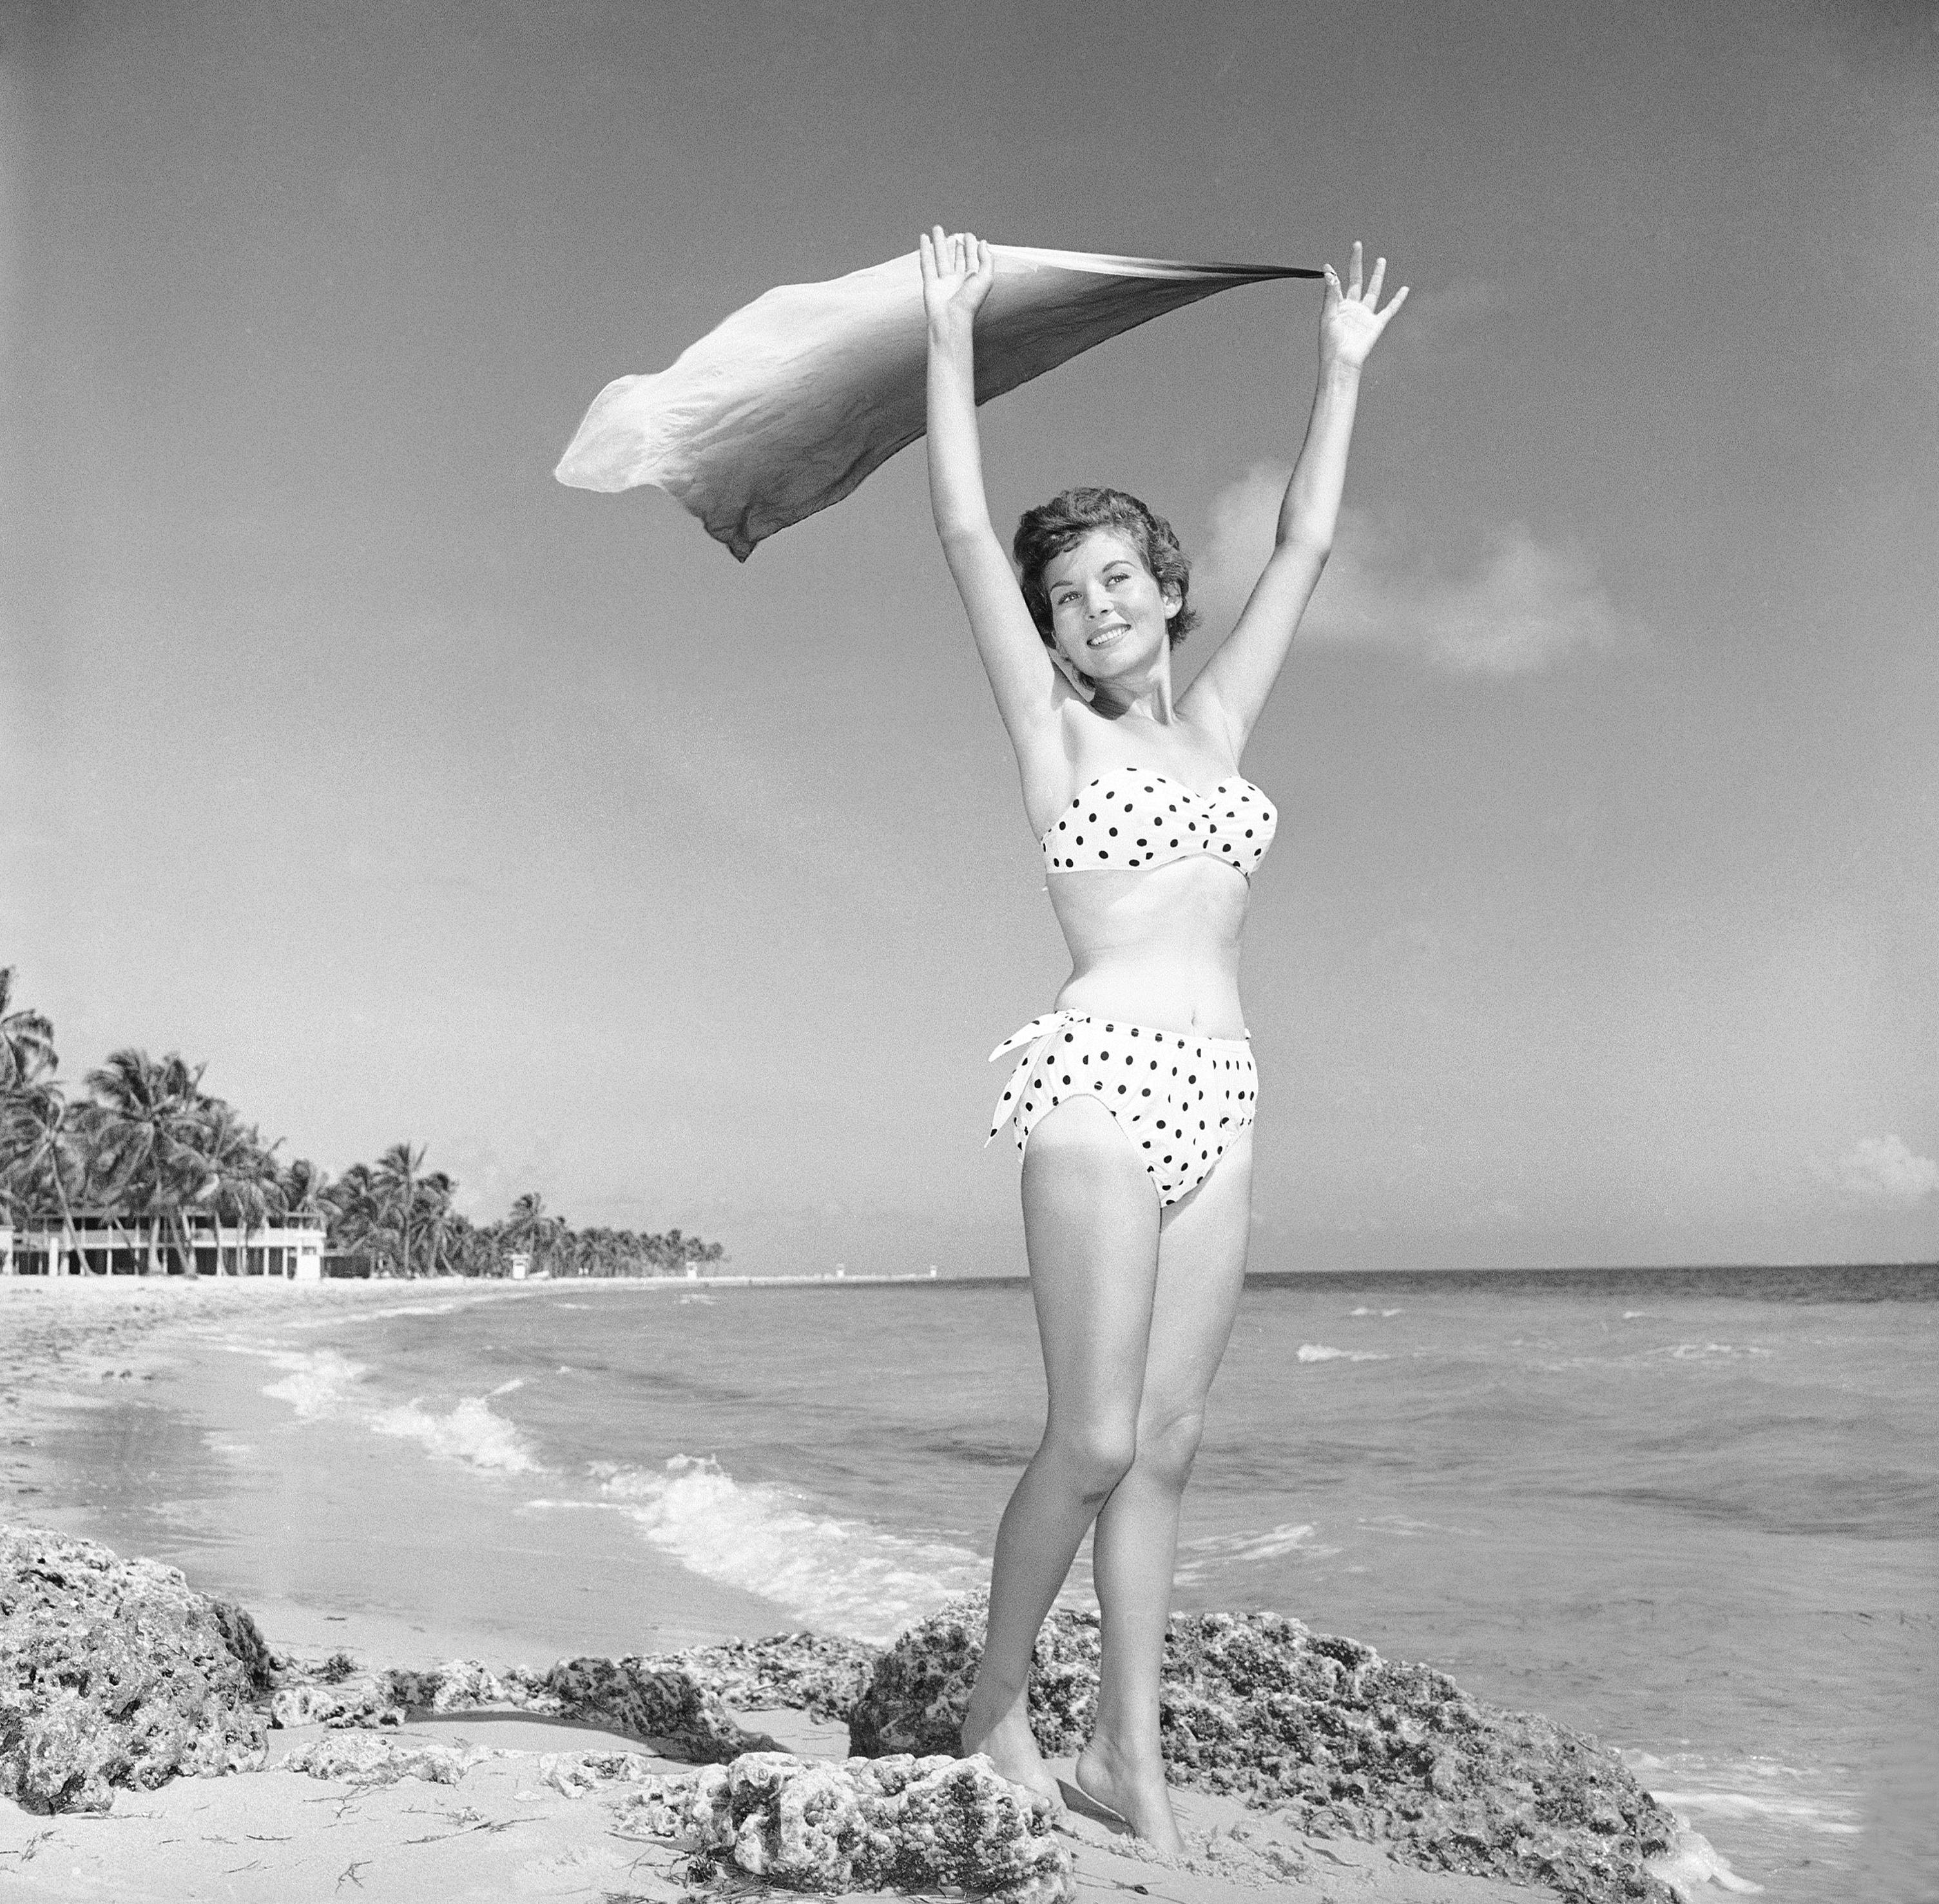 4e5b7fa2554 Victoria s Secret is rebooting swimwear. Here s how it should do it —  Quartzy